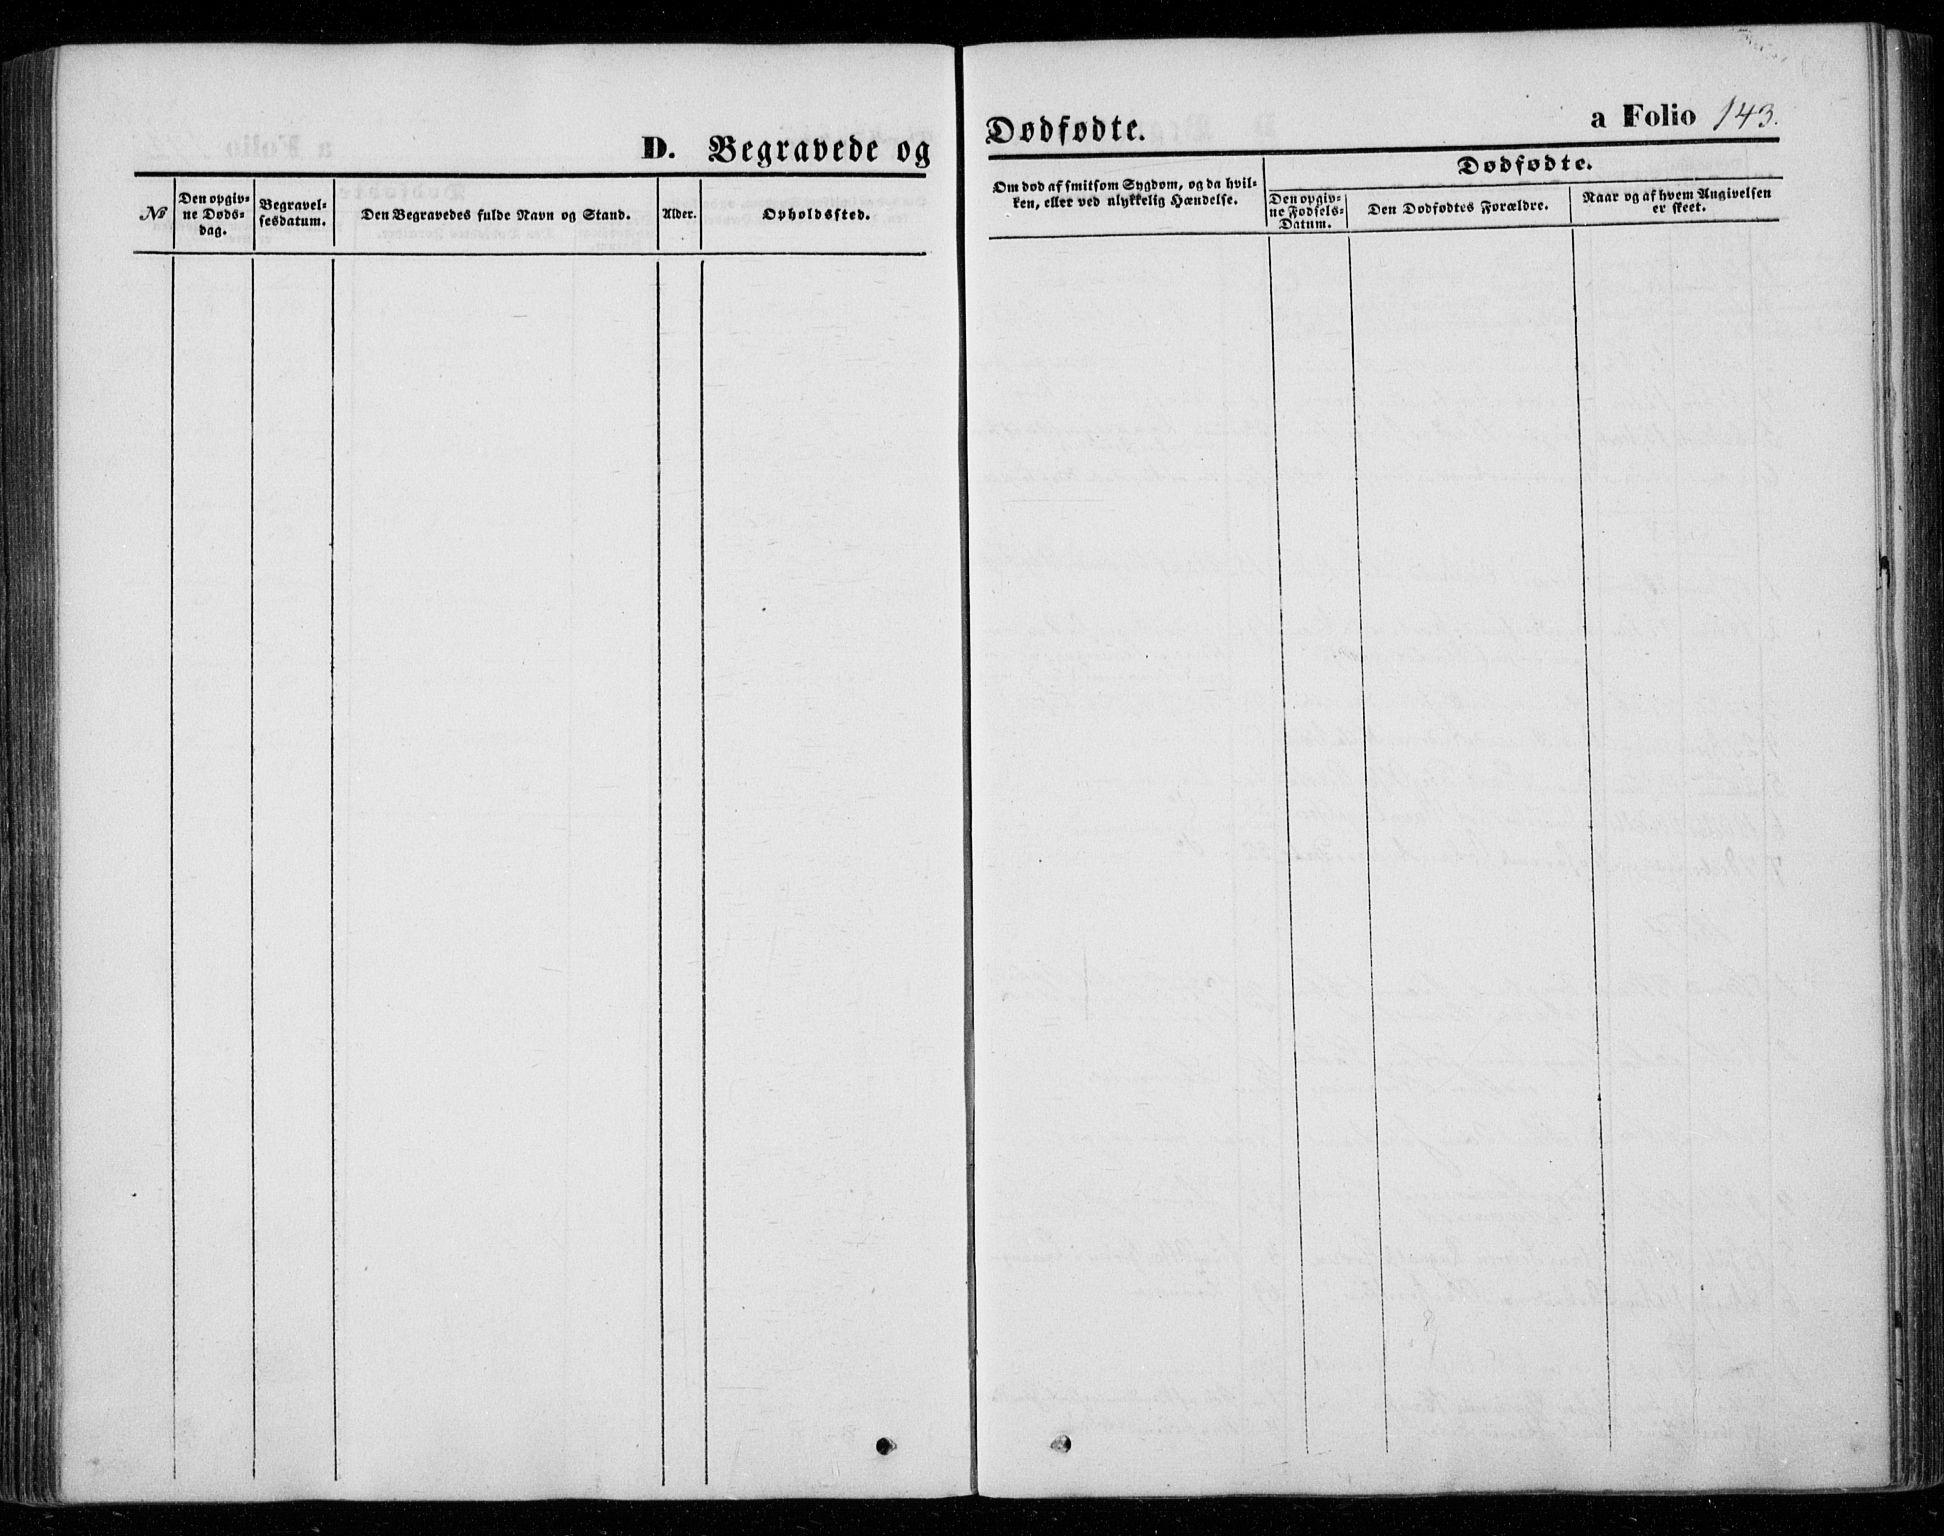 SAT, Ministerialprotokoller, klokkerbøker og fødselsregistre - Nord-Trøndelag, 720/L0184: Ministerialbok nr. 720A02 /2, 1855-1863, s. 143